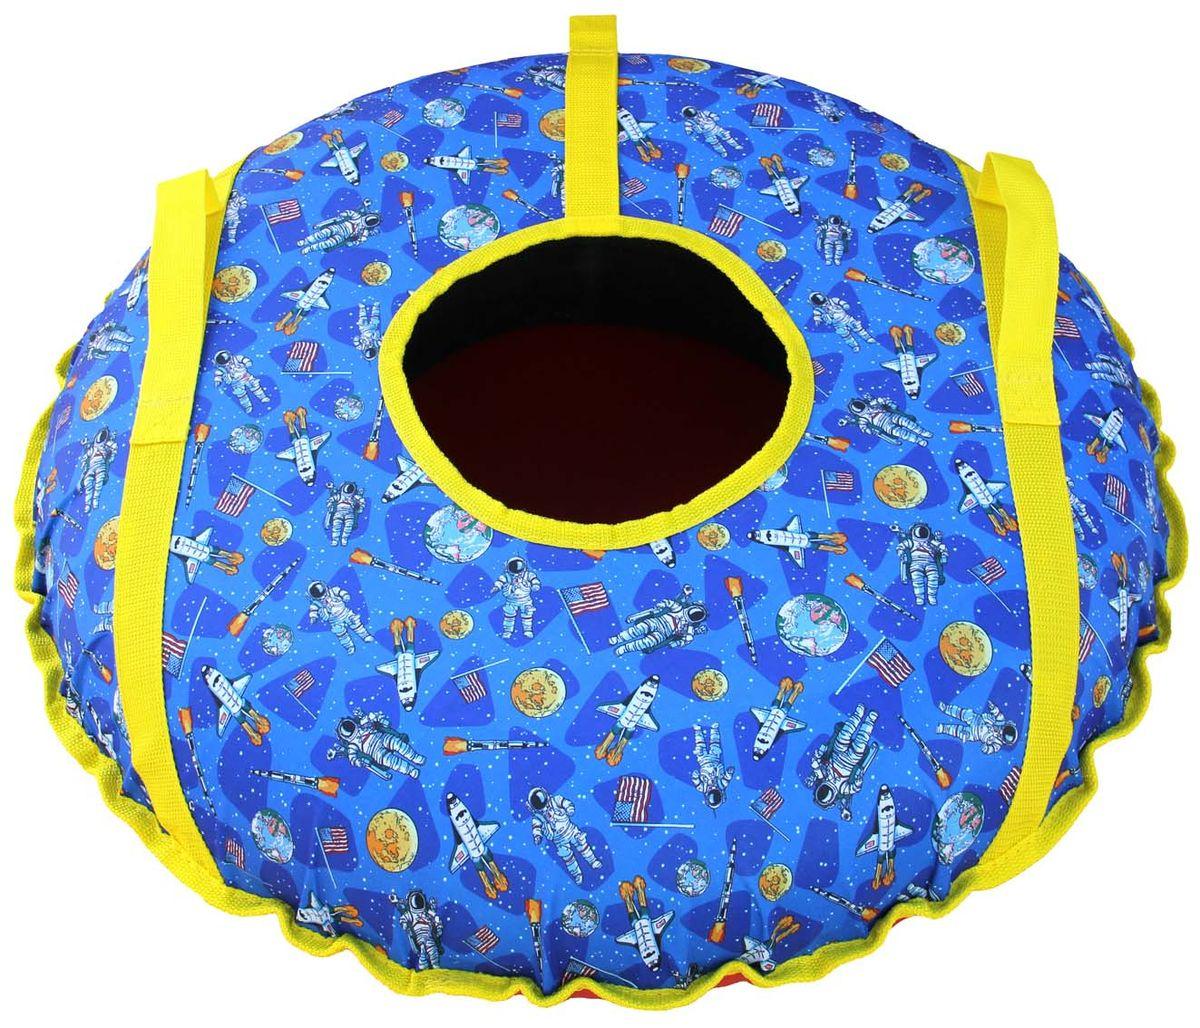 Тюбинг Super Jet Tubing Space, диаметр 62 смТ10462Тюбинг Super Jet Tubing Space предназначен для зимнего катания. Модель для детей от 3 до 6 лет, с ярким красочным дизайном и открытым центральным кругом. Катание детей должно осуществляться только под пристальным присмотром взрослых. Верхняя часть изготовлена из водонепроницаемого материала Oxford 240D с полиуретановой пропиткой, который имеет красочный рисунок. Нижняя часть изготавливается из прочного южнокорейского тентового ПВХ плотностью 650 г/м2. Этот материал, при достаточной плотности и стойкости к истиранию, обладает великолепными скользящими свойствами. Швы закрыты нейлоновой лентой для увеличения прочности на разрыв. По бокам на двух нейлоновых лентах шириной 3 см расположены мягкие нейлоновые ручки. Спереди имеется петля для крепления буксировочной ленты. Прилагается буксировочная нейлоновая лента шириной 3 см и длиной 1,2 метра из нейлона с двумя петлями по концам для крепления к тюбингу. В комплекте усиленная камера из эластичной резины размером 175/185-13. Упаковано в сдутом состоянии в запаянный полиэтиленовый пакет с ручками.Диаметр чехла тюбинга в сдутом состоянии: 75 см.Диаметр тюбинга в надутом состоянии: 62 см.Вес тюбинга с камерой: 1,7 кг. Рабочий диапазон температур: от -30°С до +40°С.Материал верхней части: водонепроницаемая ткань Oxford 240D PU. Материал нижней части: тентовый ПВХ плотностью 650 г/м2. Материал строп: нейлон. Материал камеры: резина.